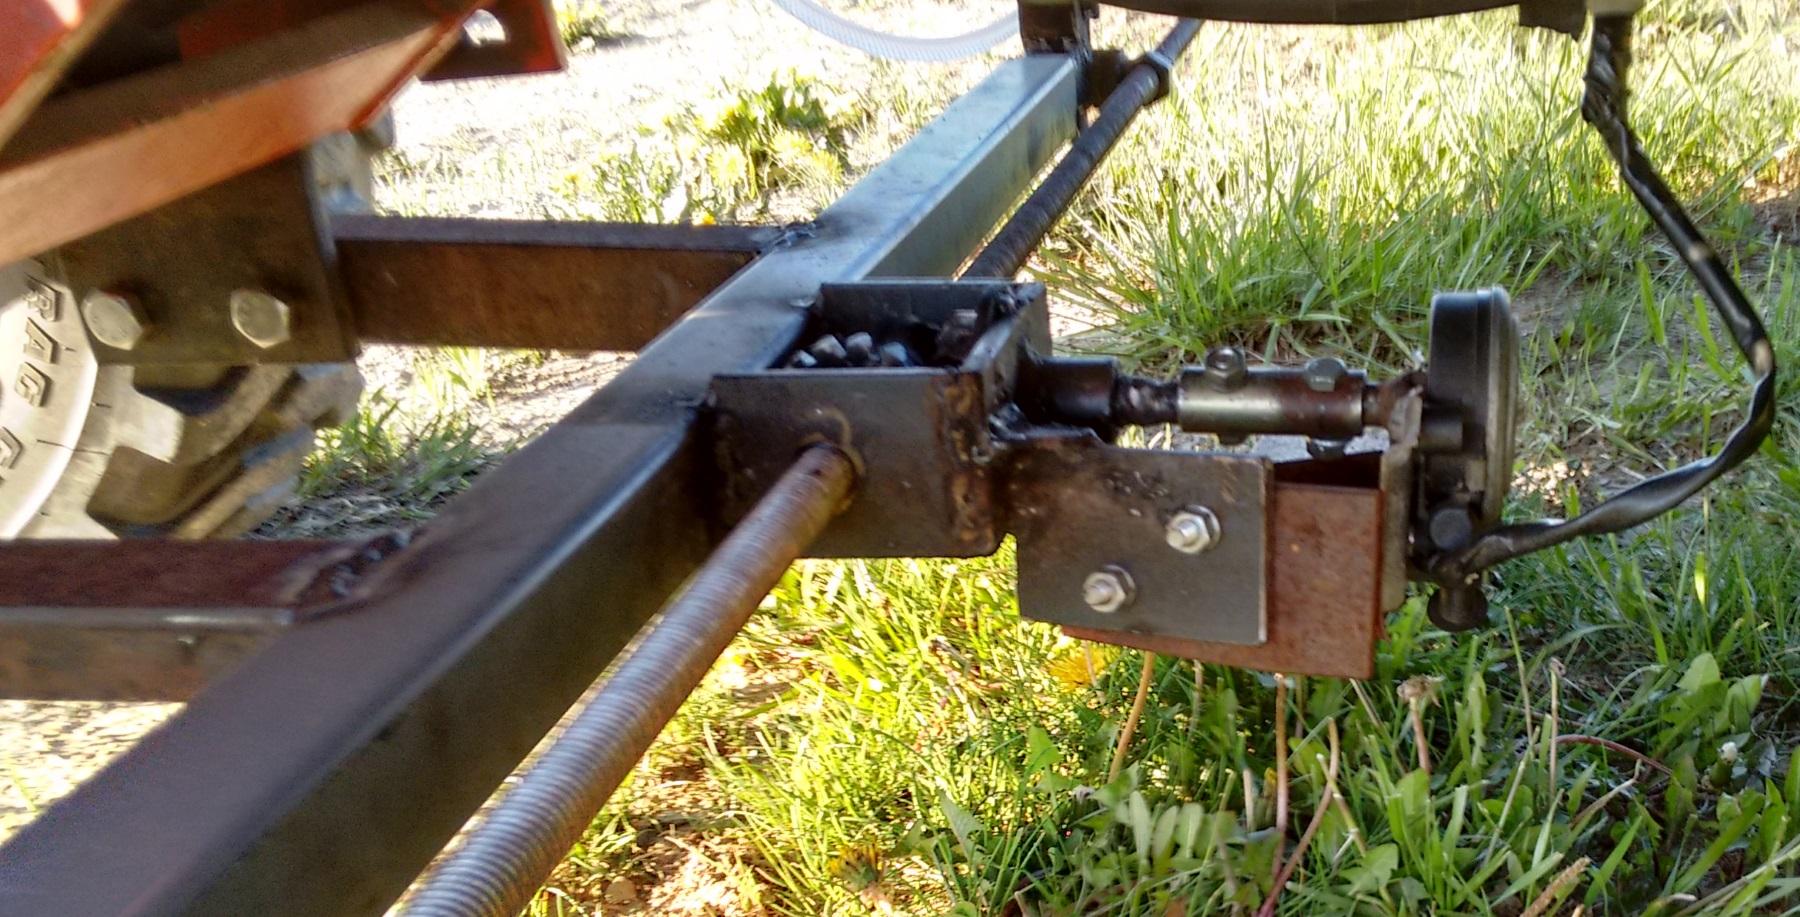 L'applicateur fixé sous le tracteur